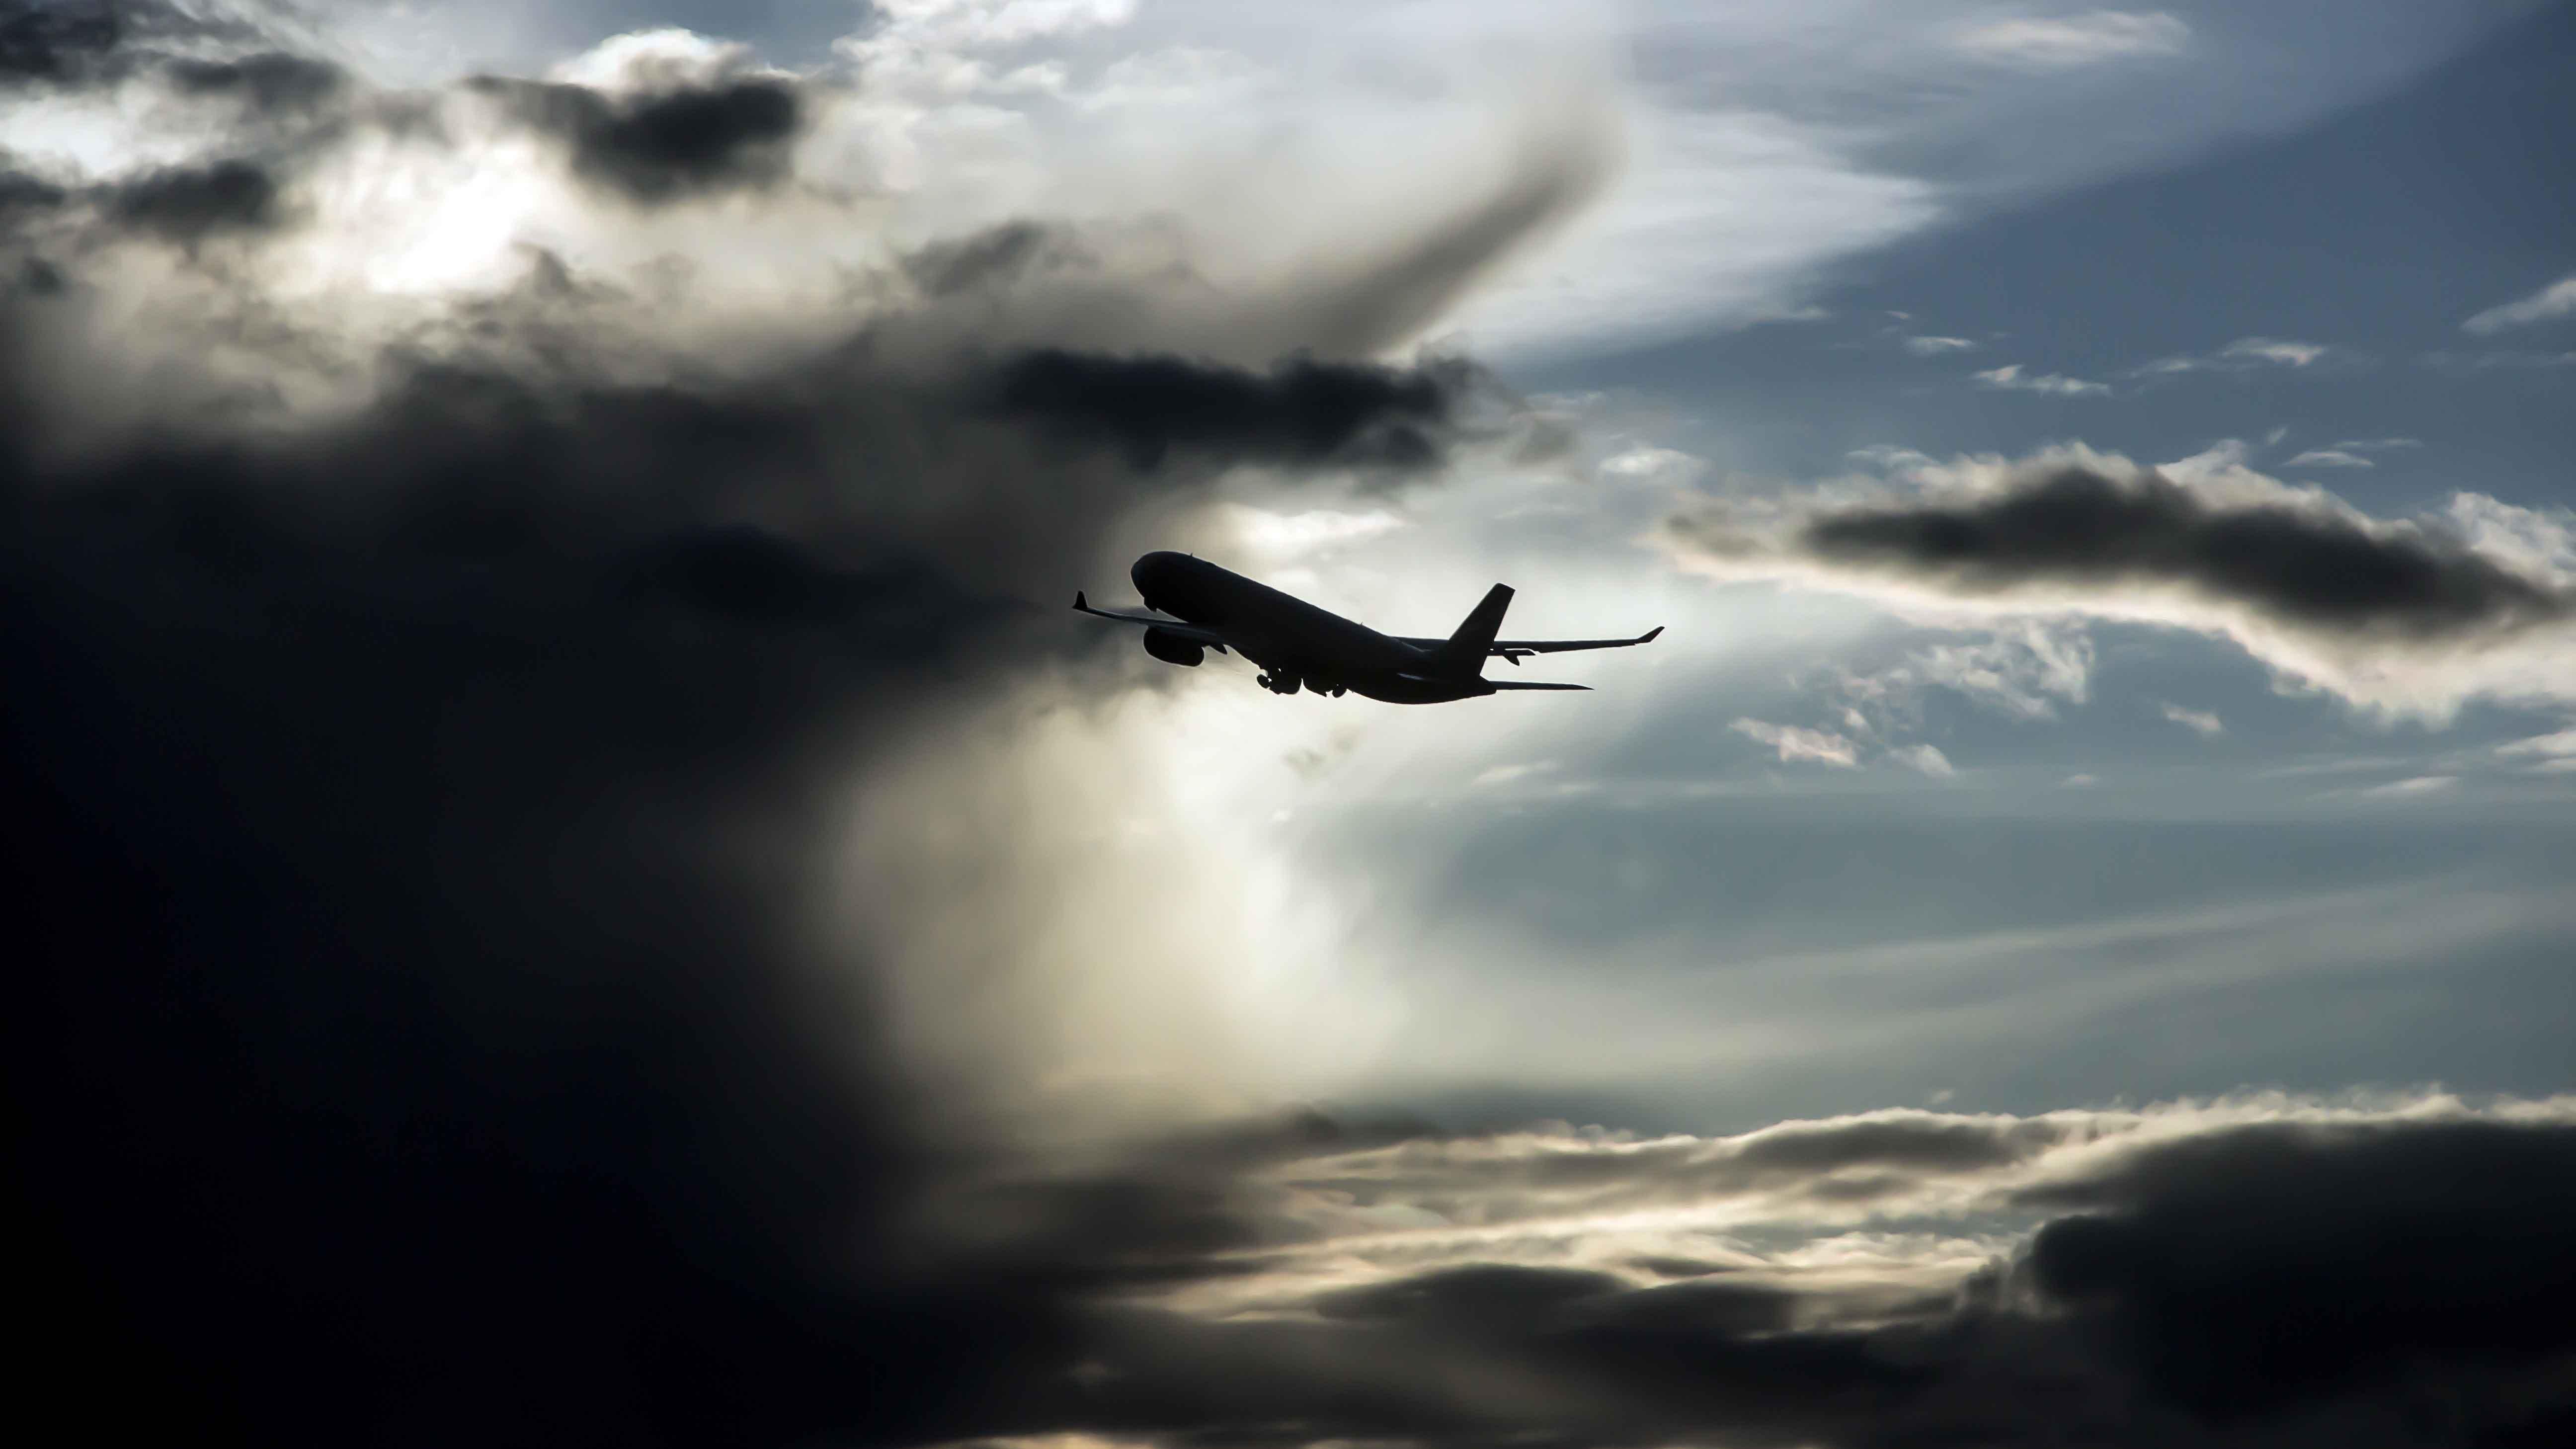 Viele Passagiere plötzlich krank: Vollbesetzter Flieger muss nach Landung in Quarantäne